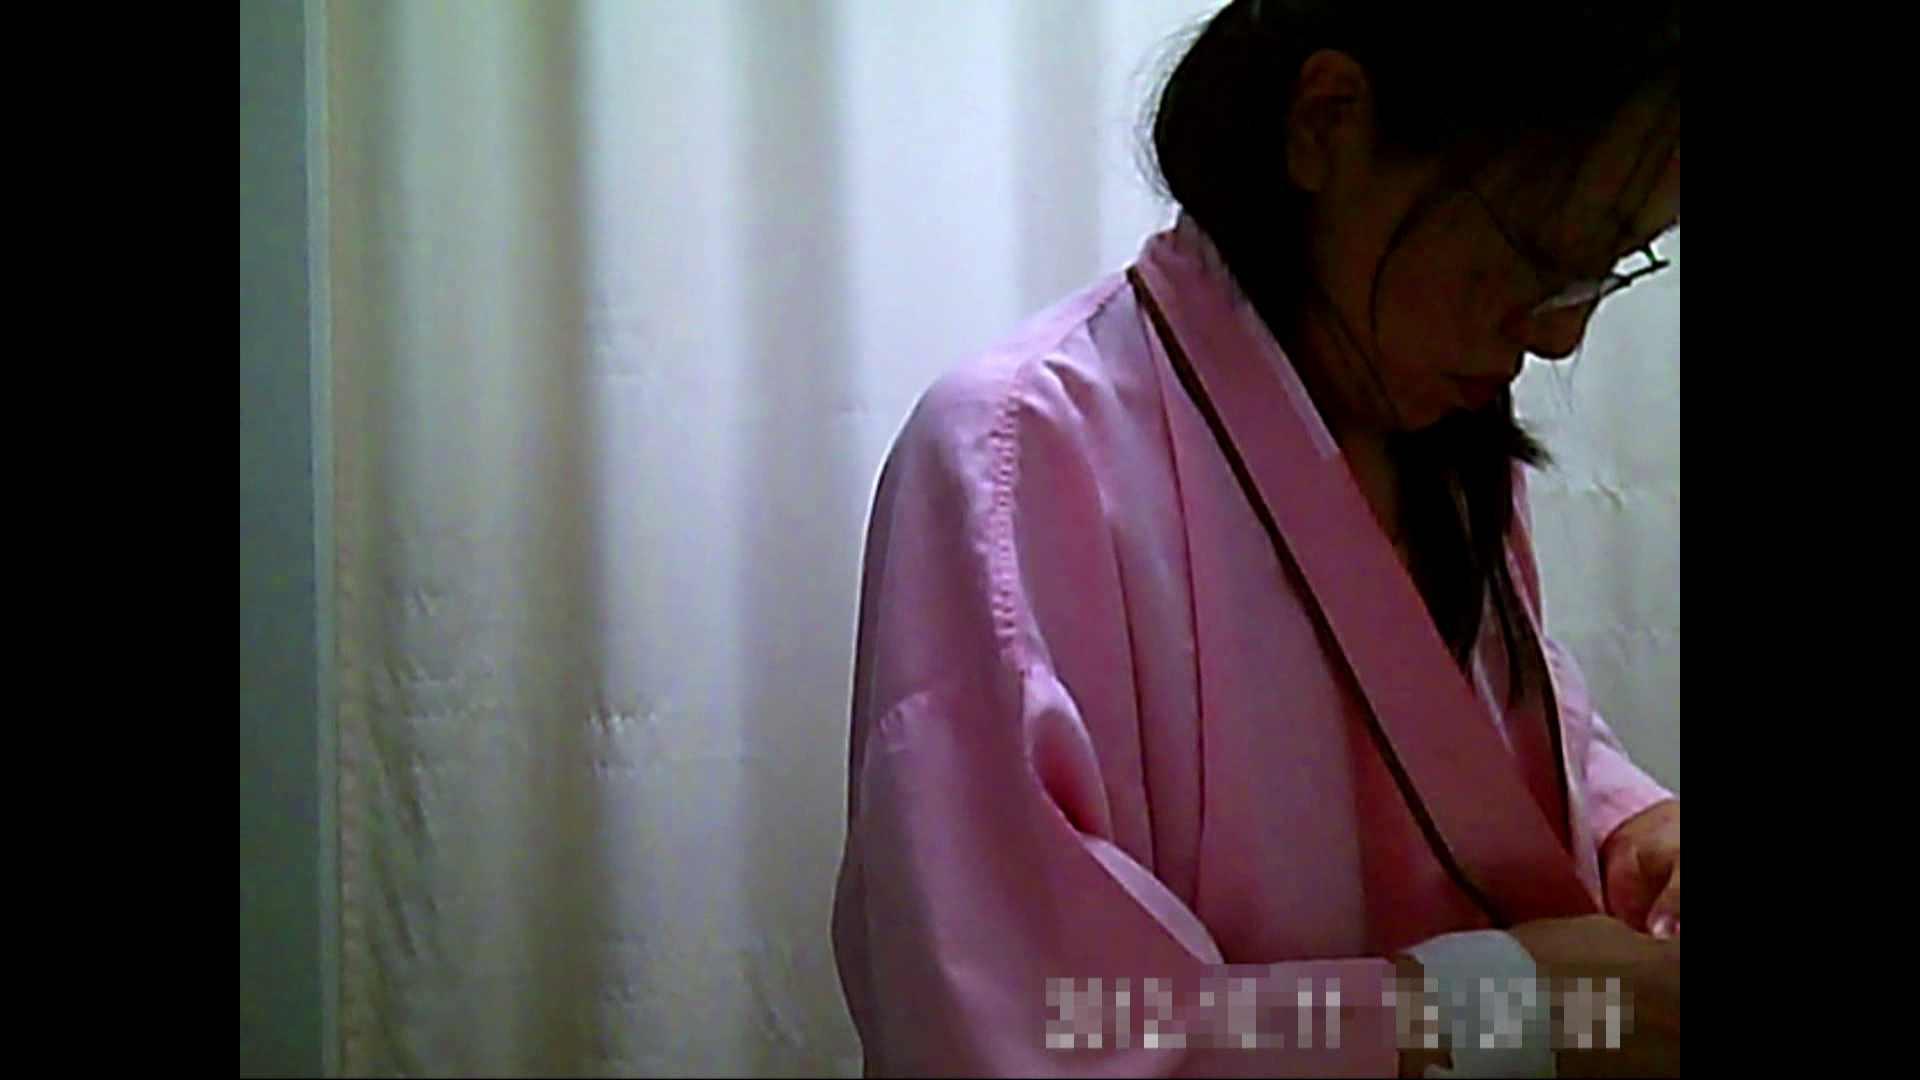 元医者による反抗 更衣室地獄絵巻 vol.062 エッチなお姉さん  50画像 27